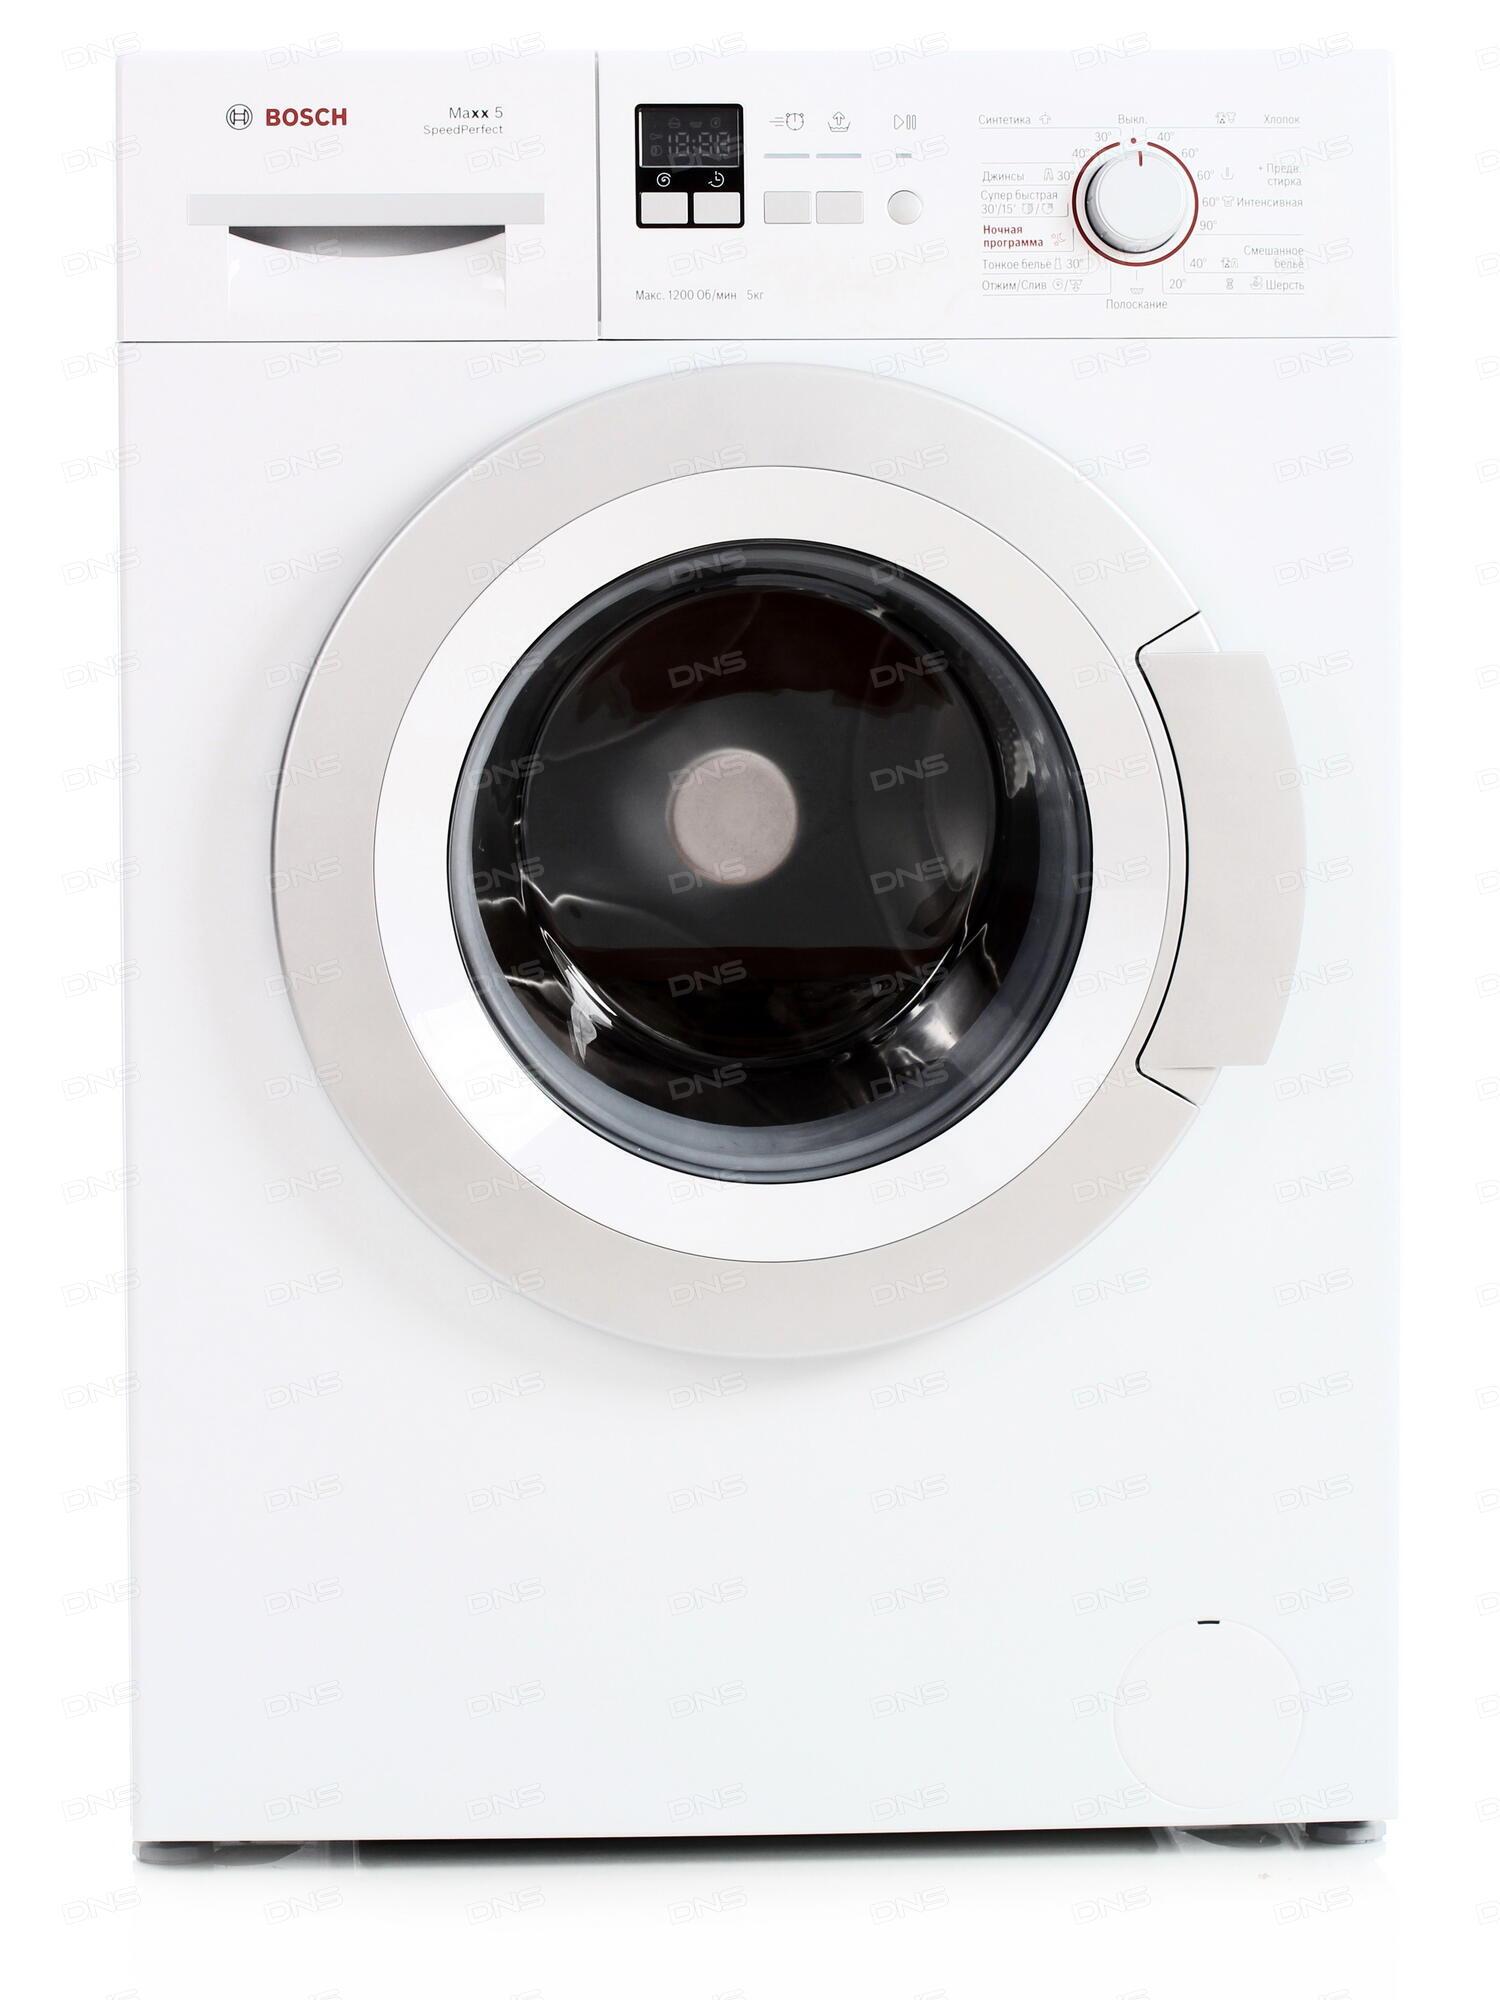 Ремонт стиральных машин bosch Молодежная ремонт стиральных машин бош Херсонская улица